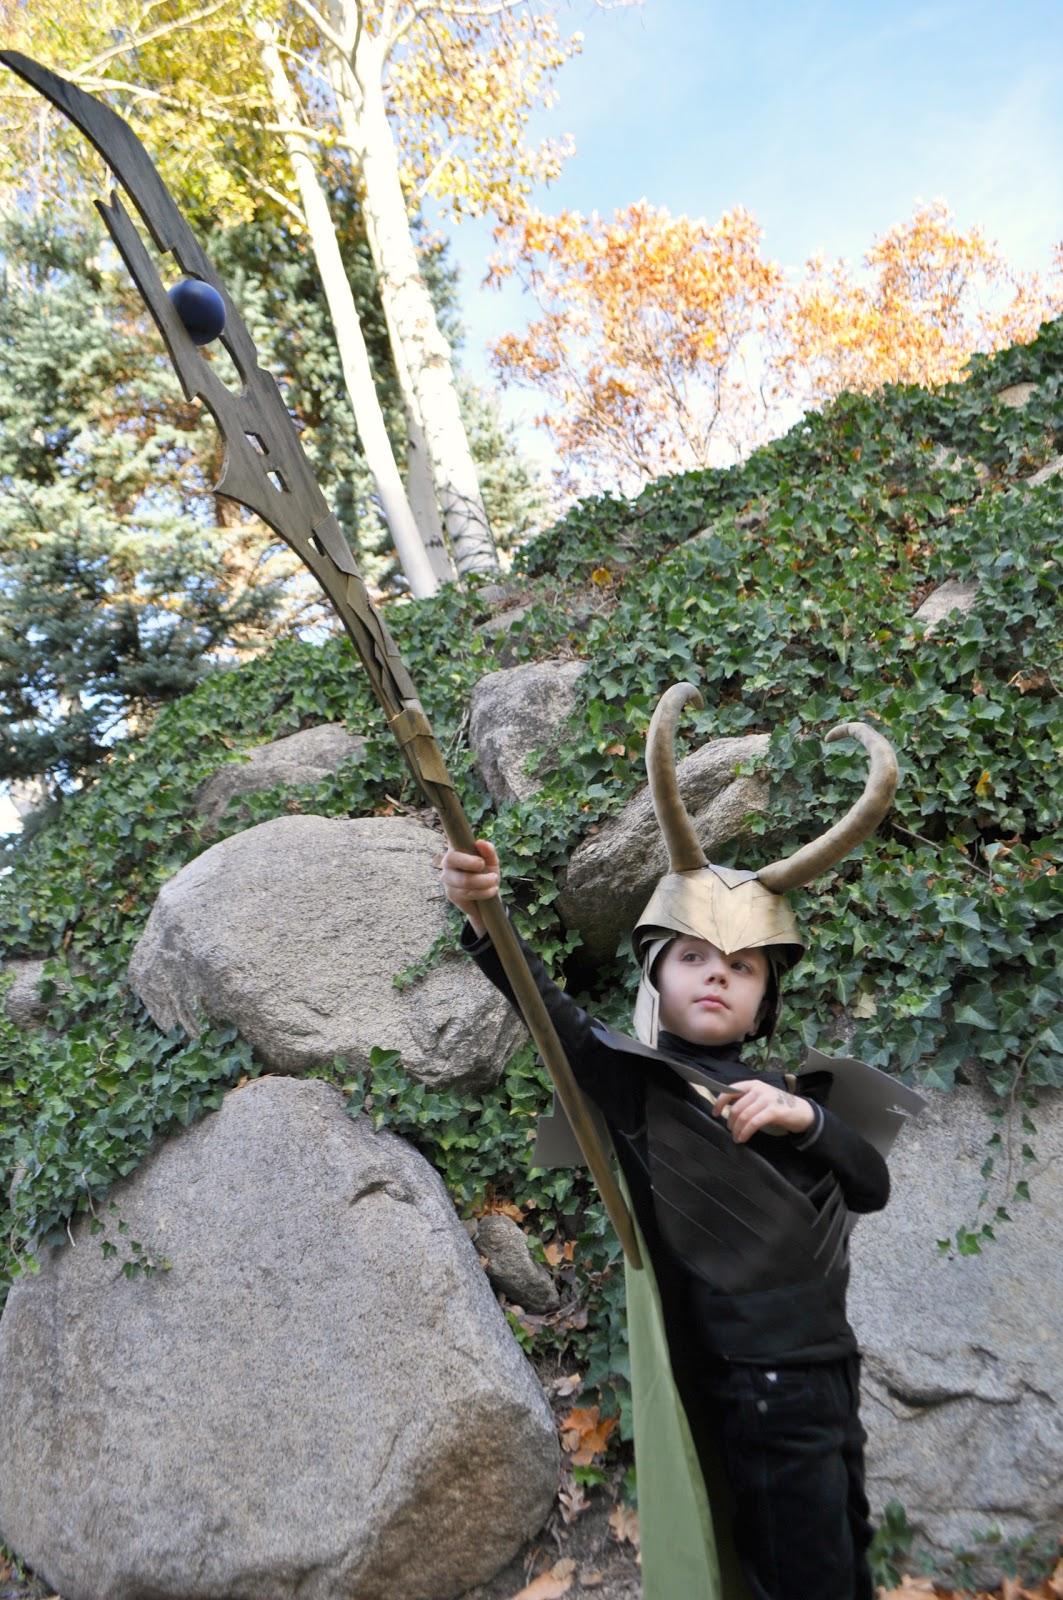 sc 1 st  I Am Momma - Hear Me Roar & I Am Momma - Hear Me Roar: Loki Costume